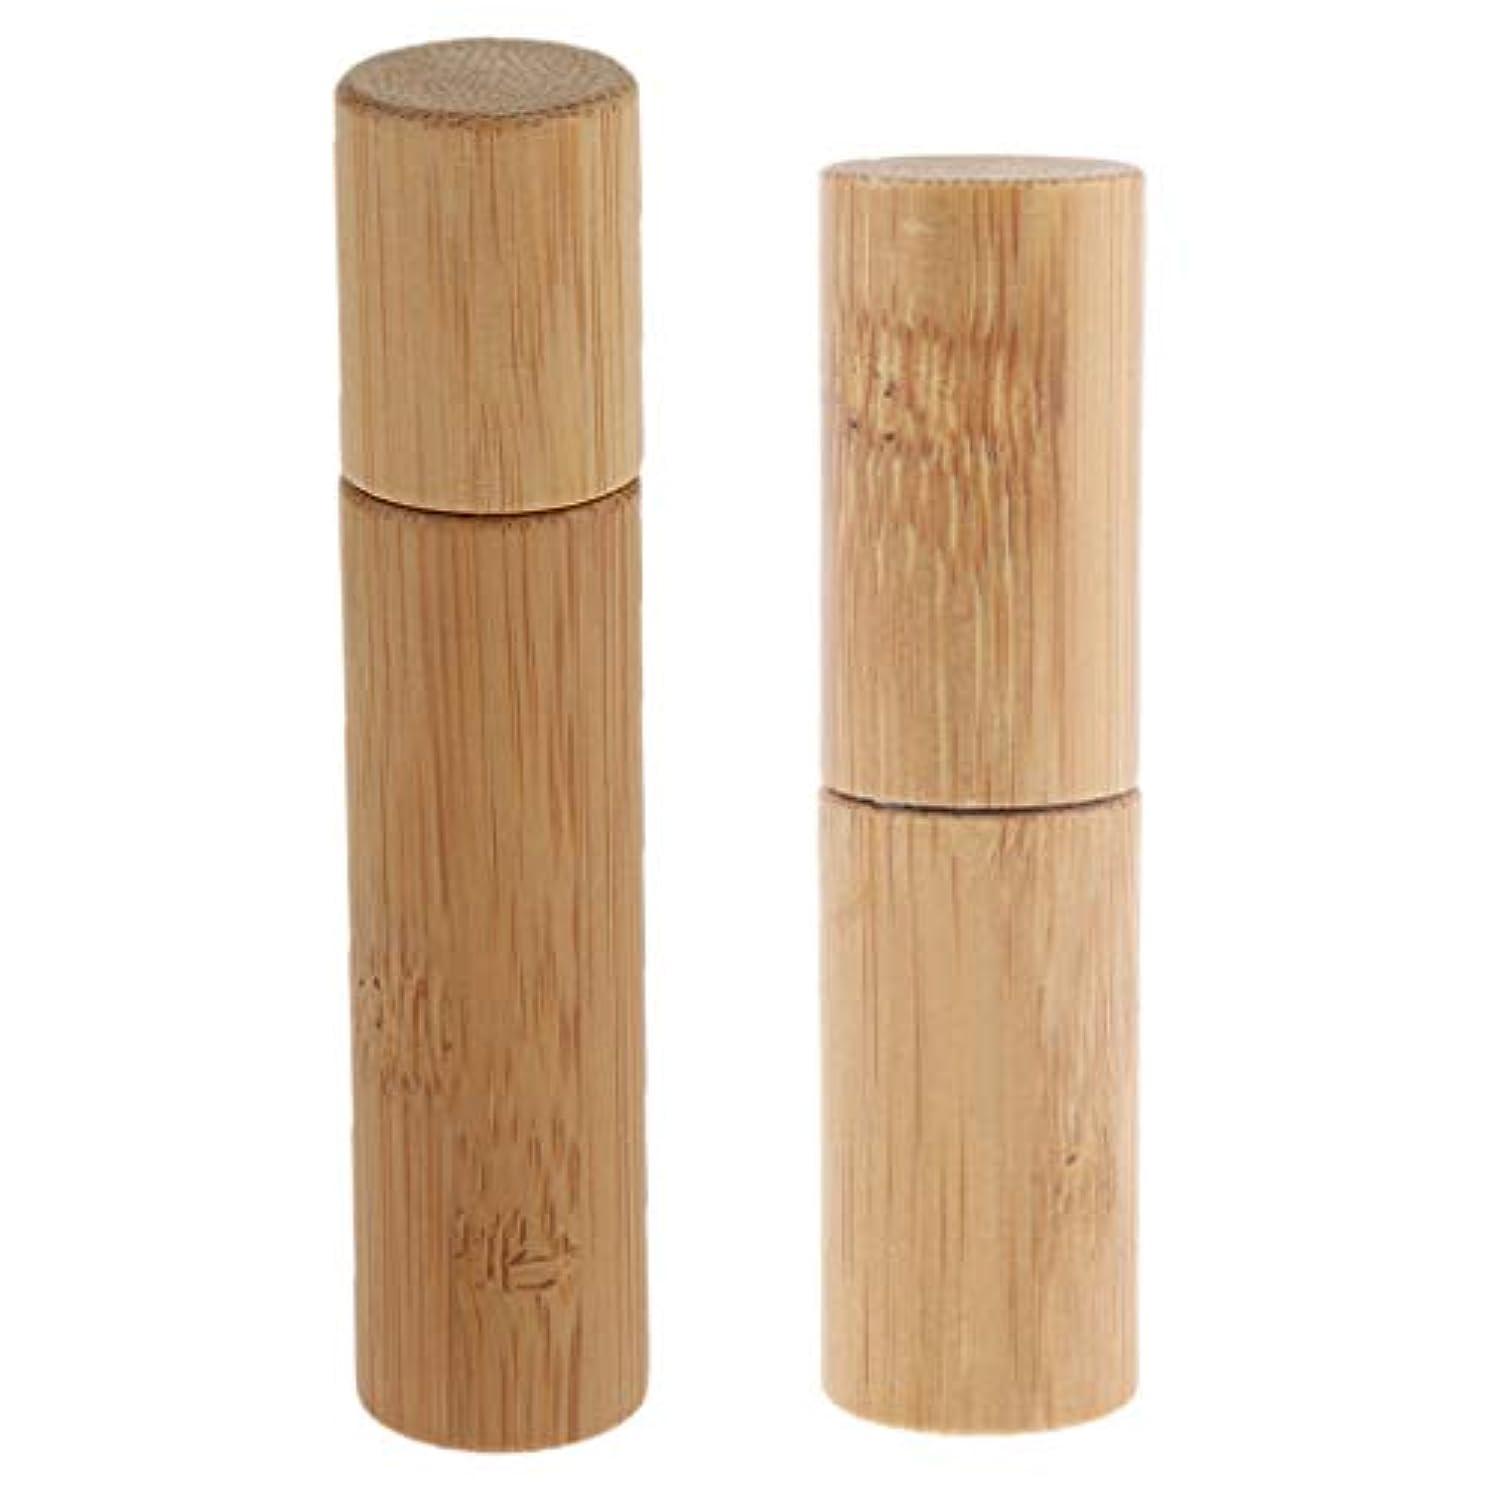 続ける寝室を掃除する過去CUTICATE ロールオンボトル 天然竹 詰替え 精油 香水 液体 保存容器 小分け用 旅行 10ml+5ml 2個入